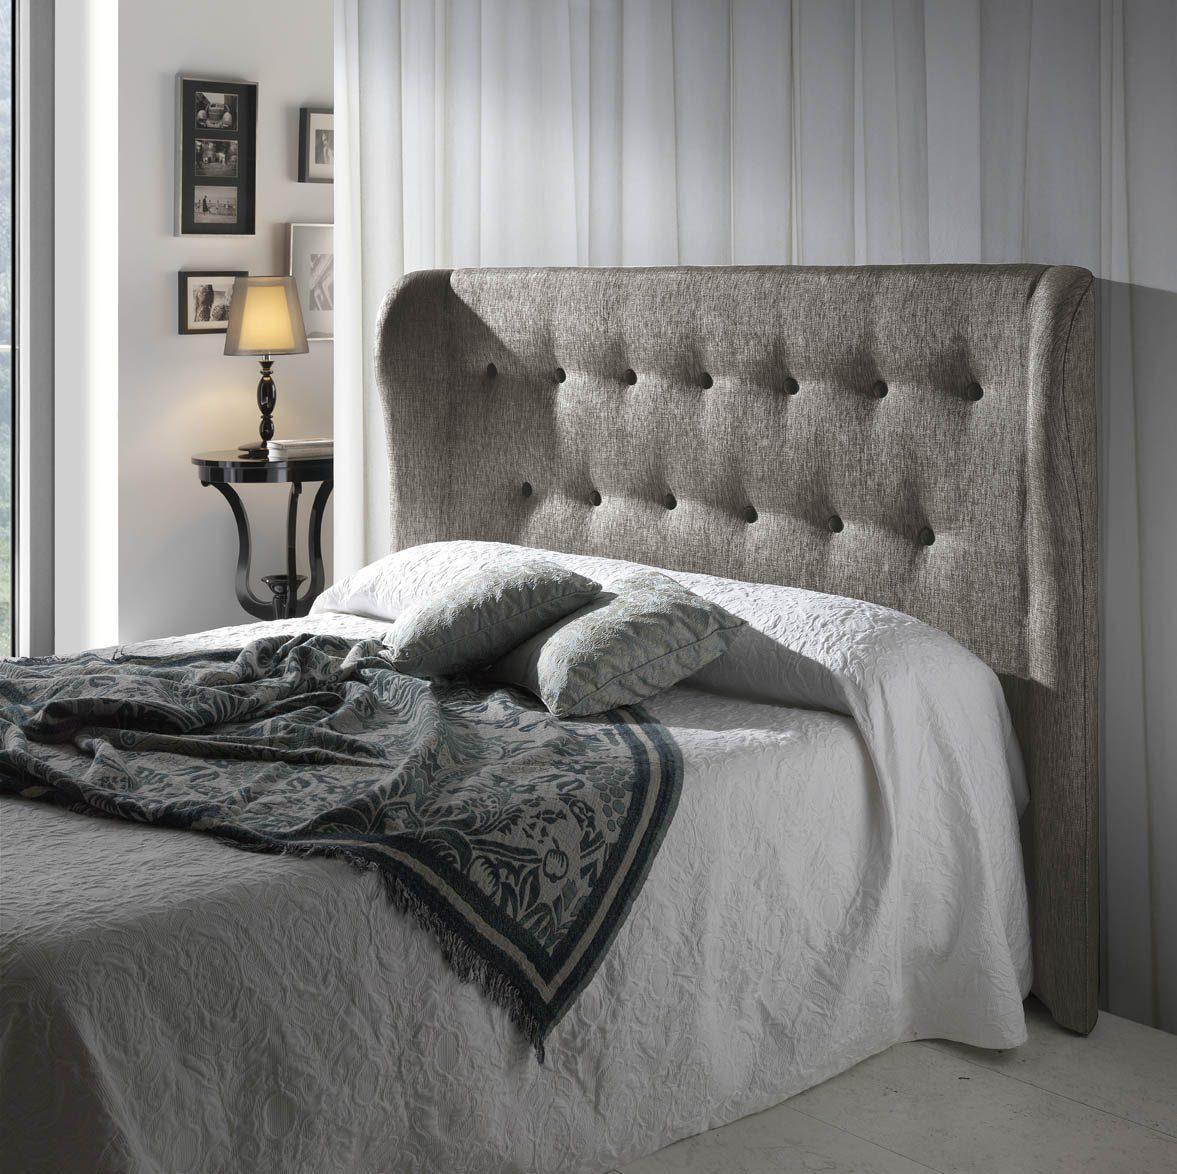 Cabeceros tapizados mobiliario hd - Cabeceros de cama acolchados ...